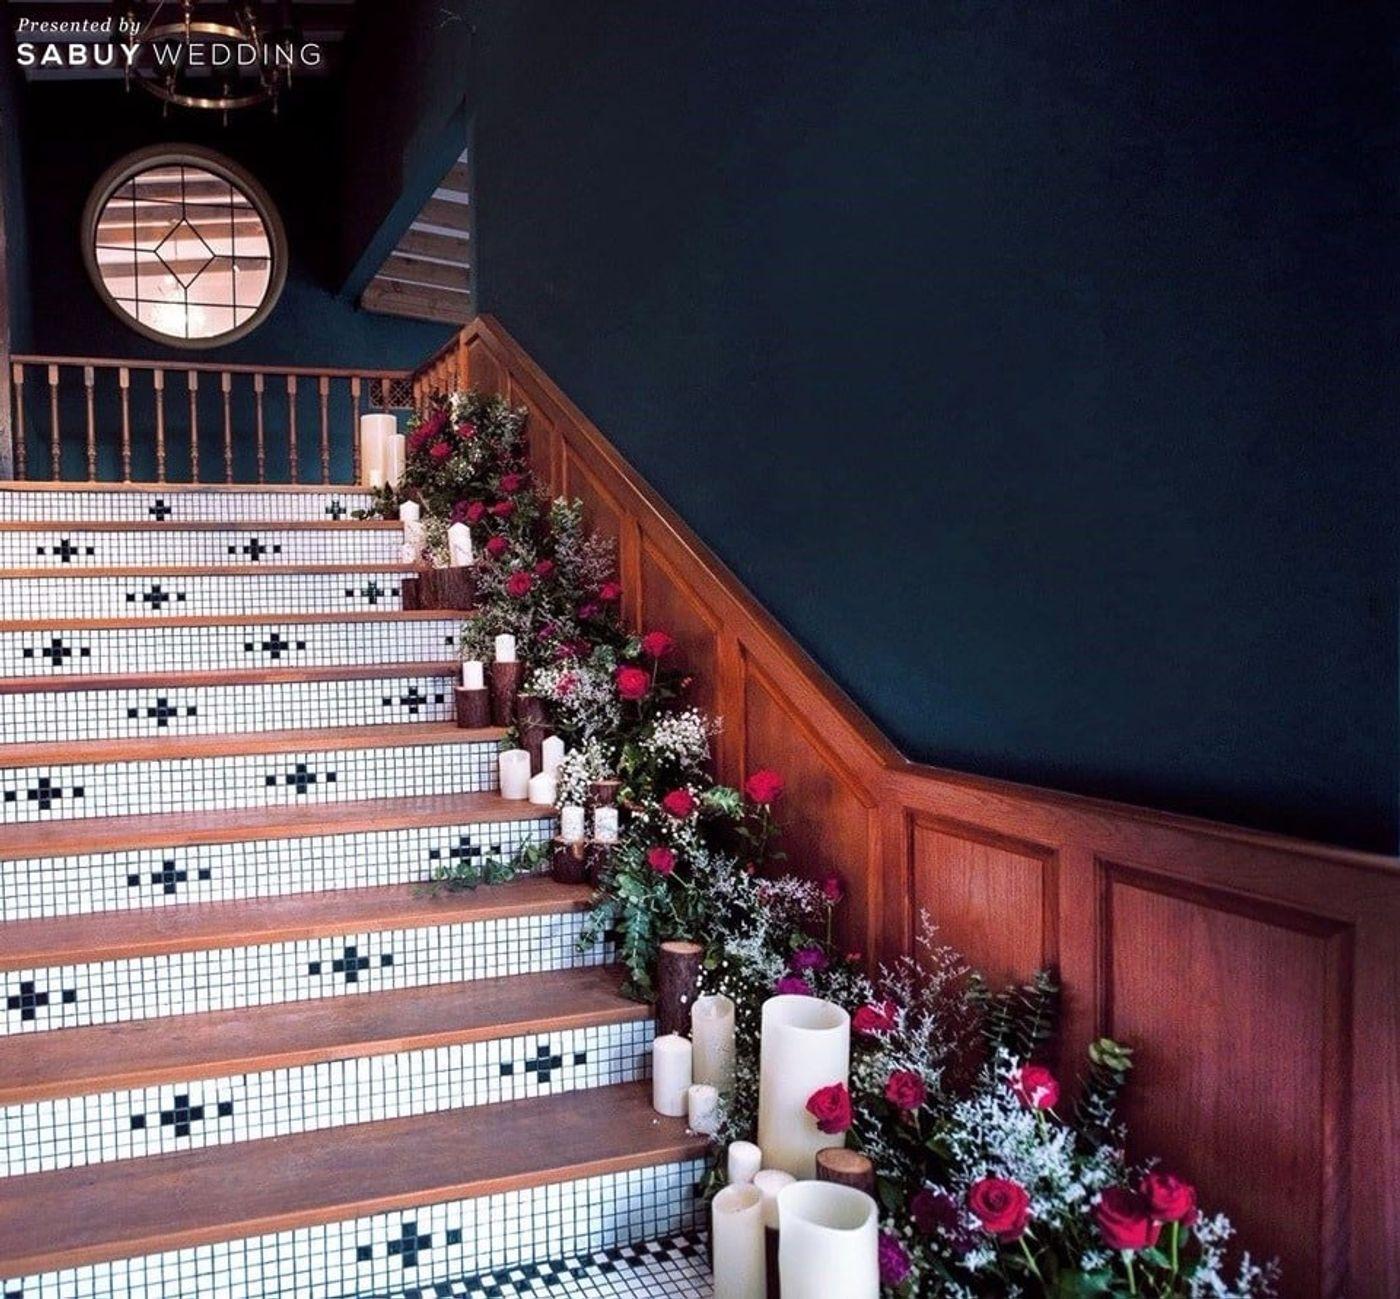 สถานที่แต่งงาน,สถานที่จัดงานแต่งงาน,ตกแต่งงานแต่ง,จัดดอกไม้งานแต่ง รีวิวงานแต่งสุดเก๋ สไตล์ยุโรป @The Apothecary Venue